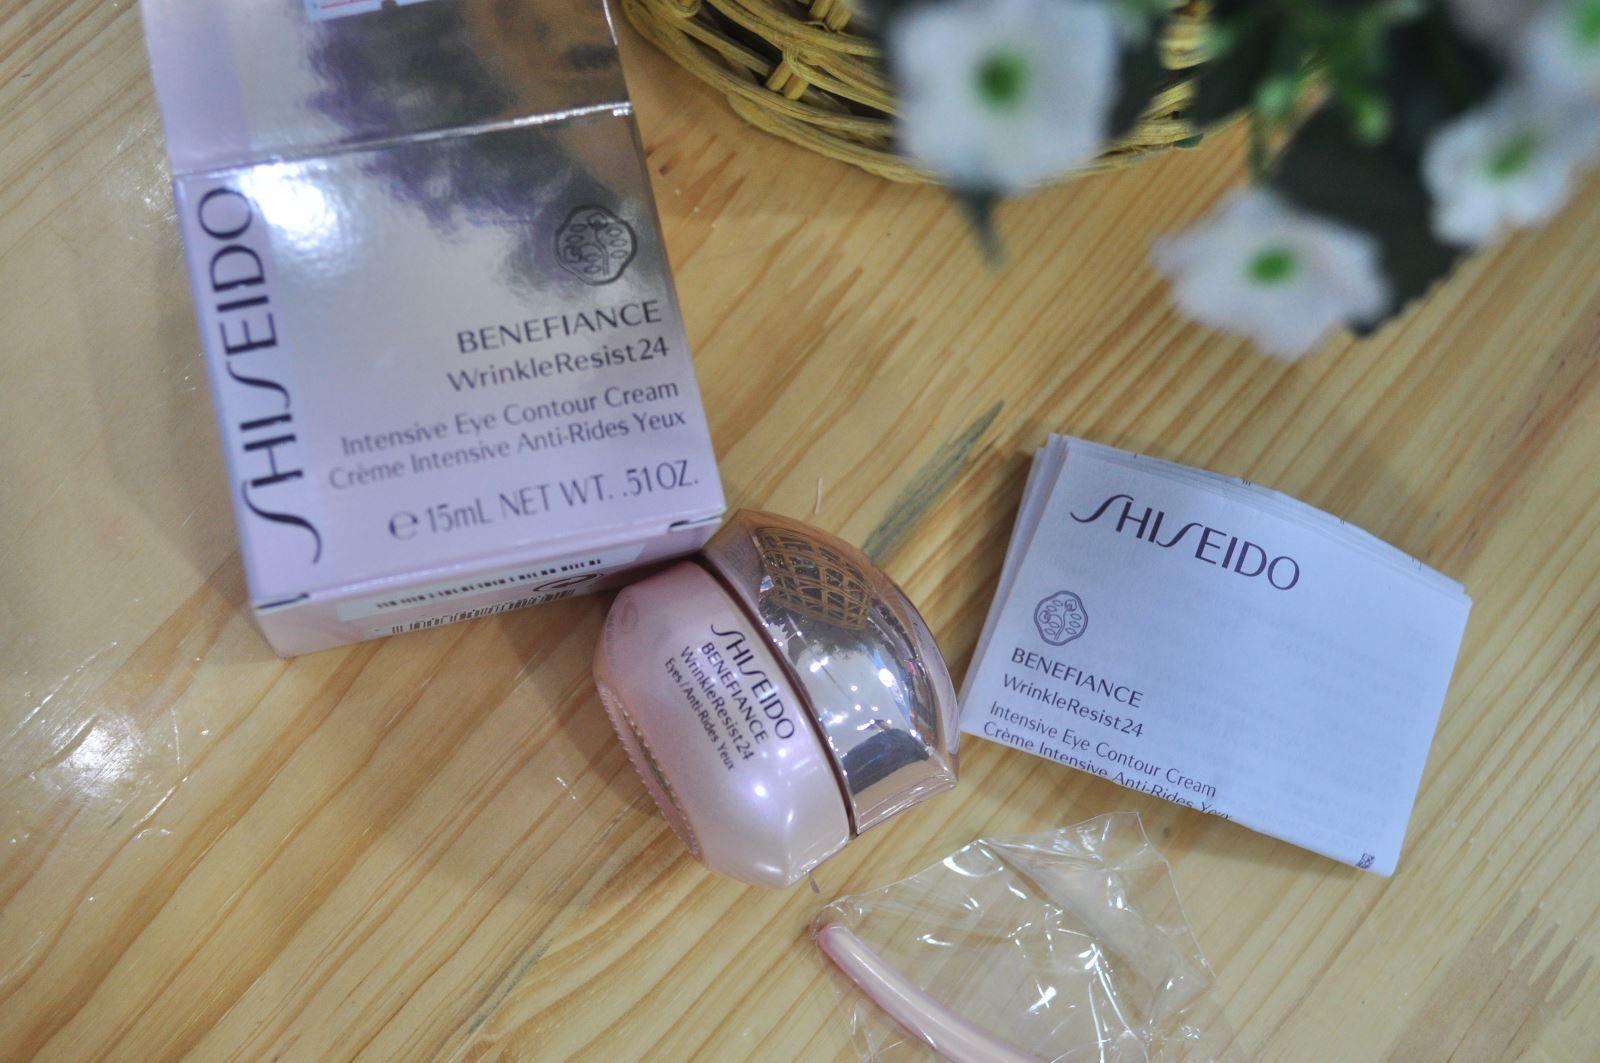 Kem trị nhăn vùng mắt Shiseido Benefiance được sản xuất dựa trên công nghệ The Eye Wrinke Expert từ các chiết xuất thực vật tự nhiên